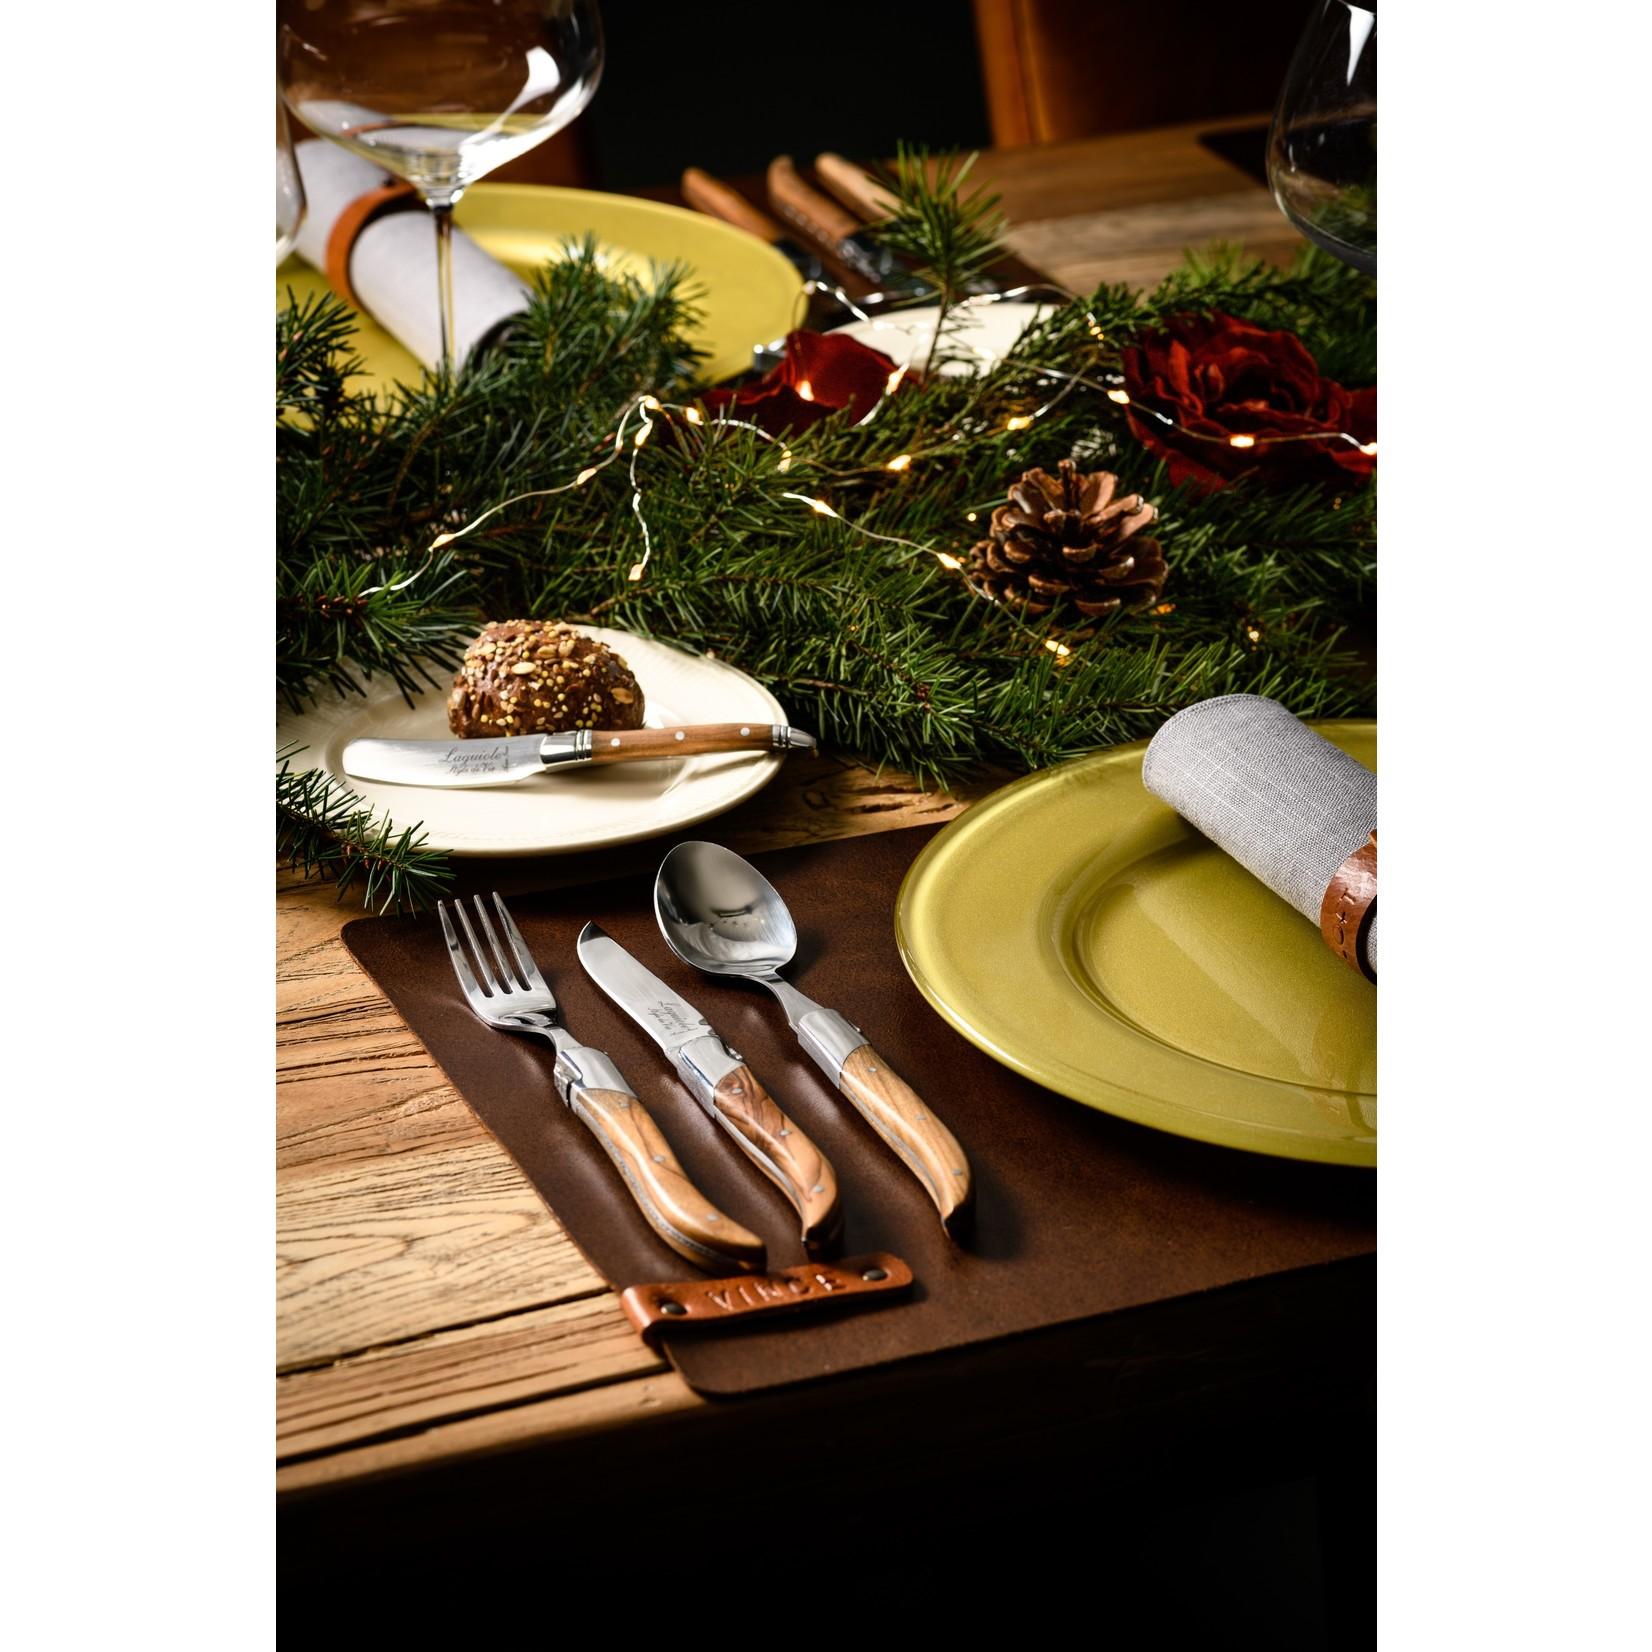 Laguiole Style de Vie Laguiole Style de Vie Luxury Line bestekset 16-delig olijfhout